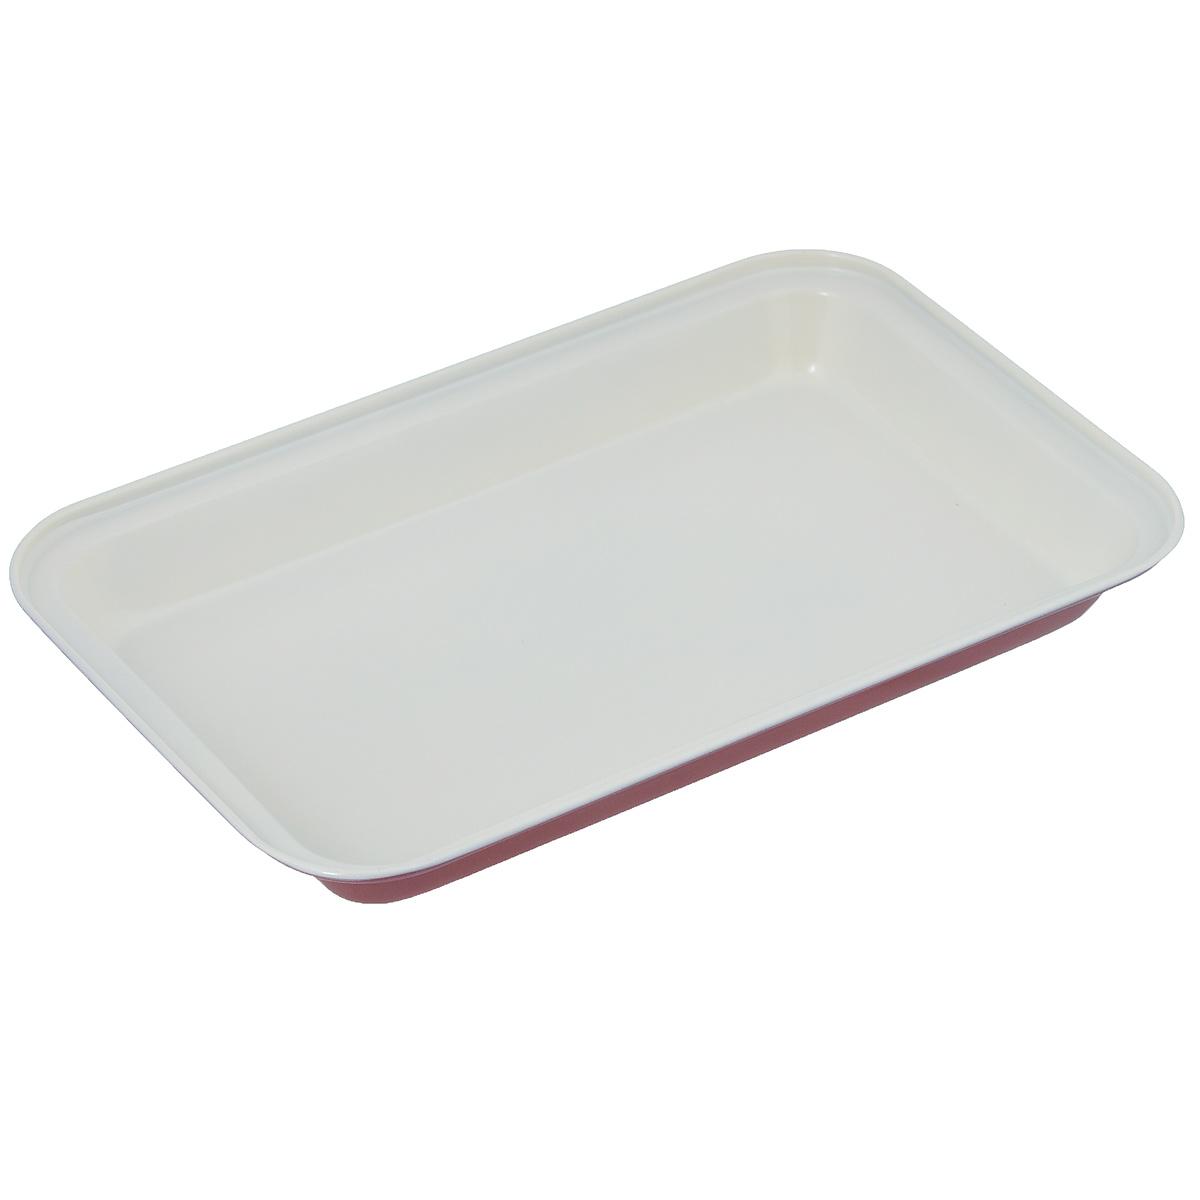 """Фото Форма для выпечки """"Bekker"""", с  керамическим покрытием, прямоугольная, цвет: красный, белый, 18 см х 28 см. Купить  в РФ"""